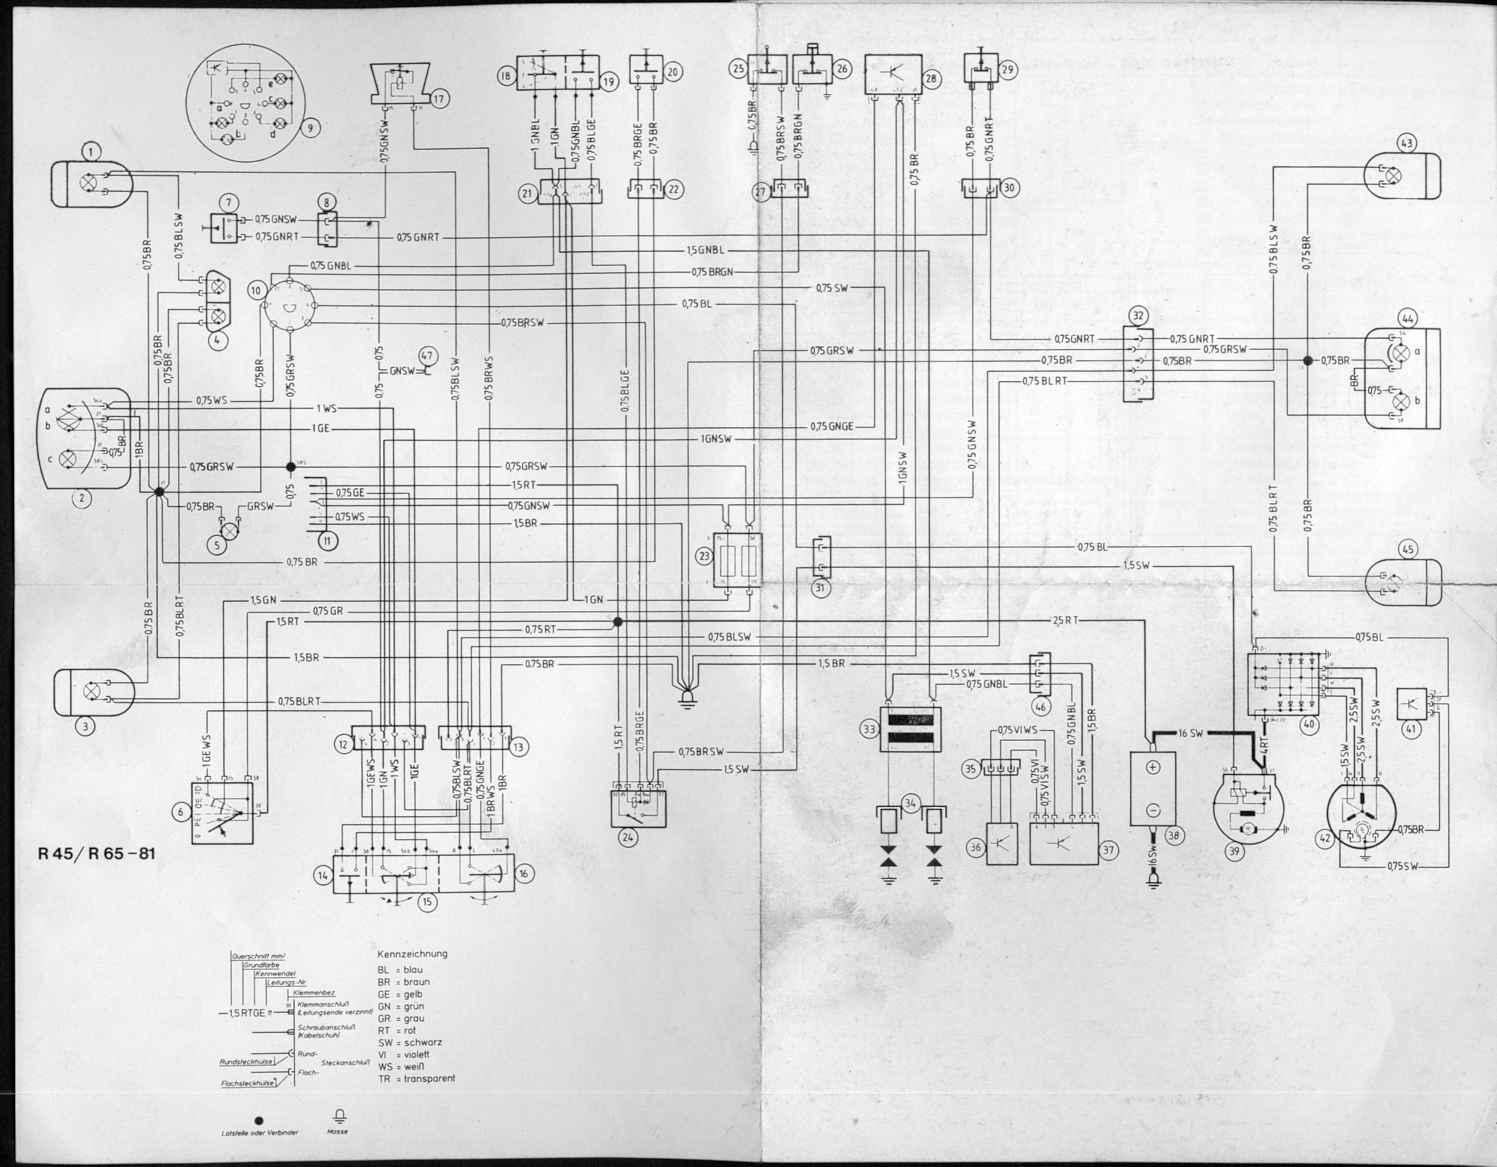 Beste Harley Lenker Schaltplan Fotos - Elektrische Schaltplan-Ideen ...